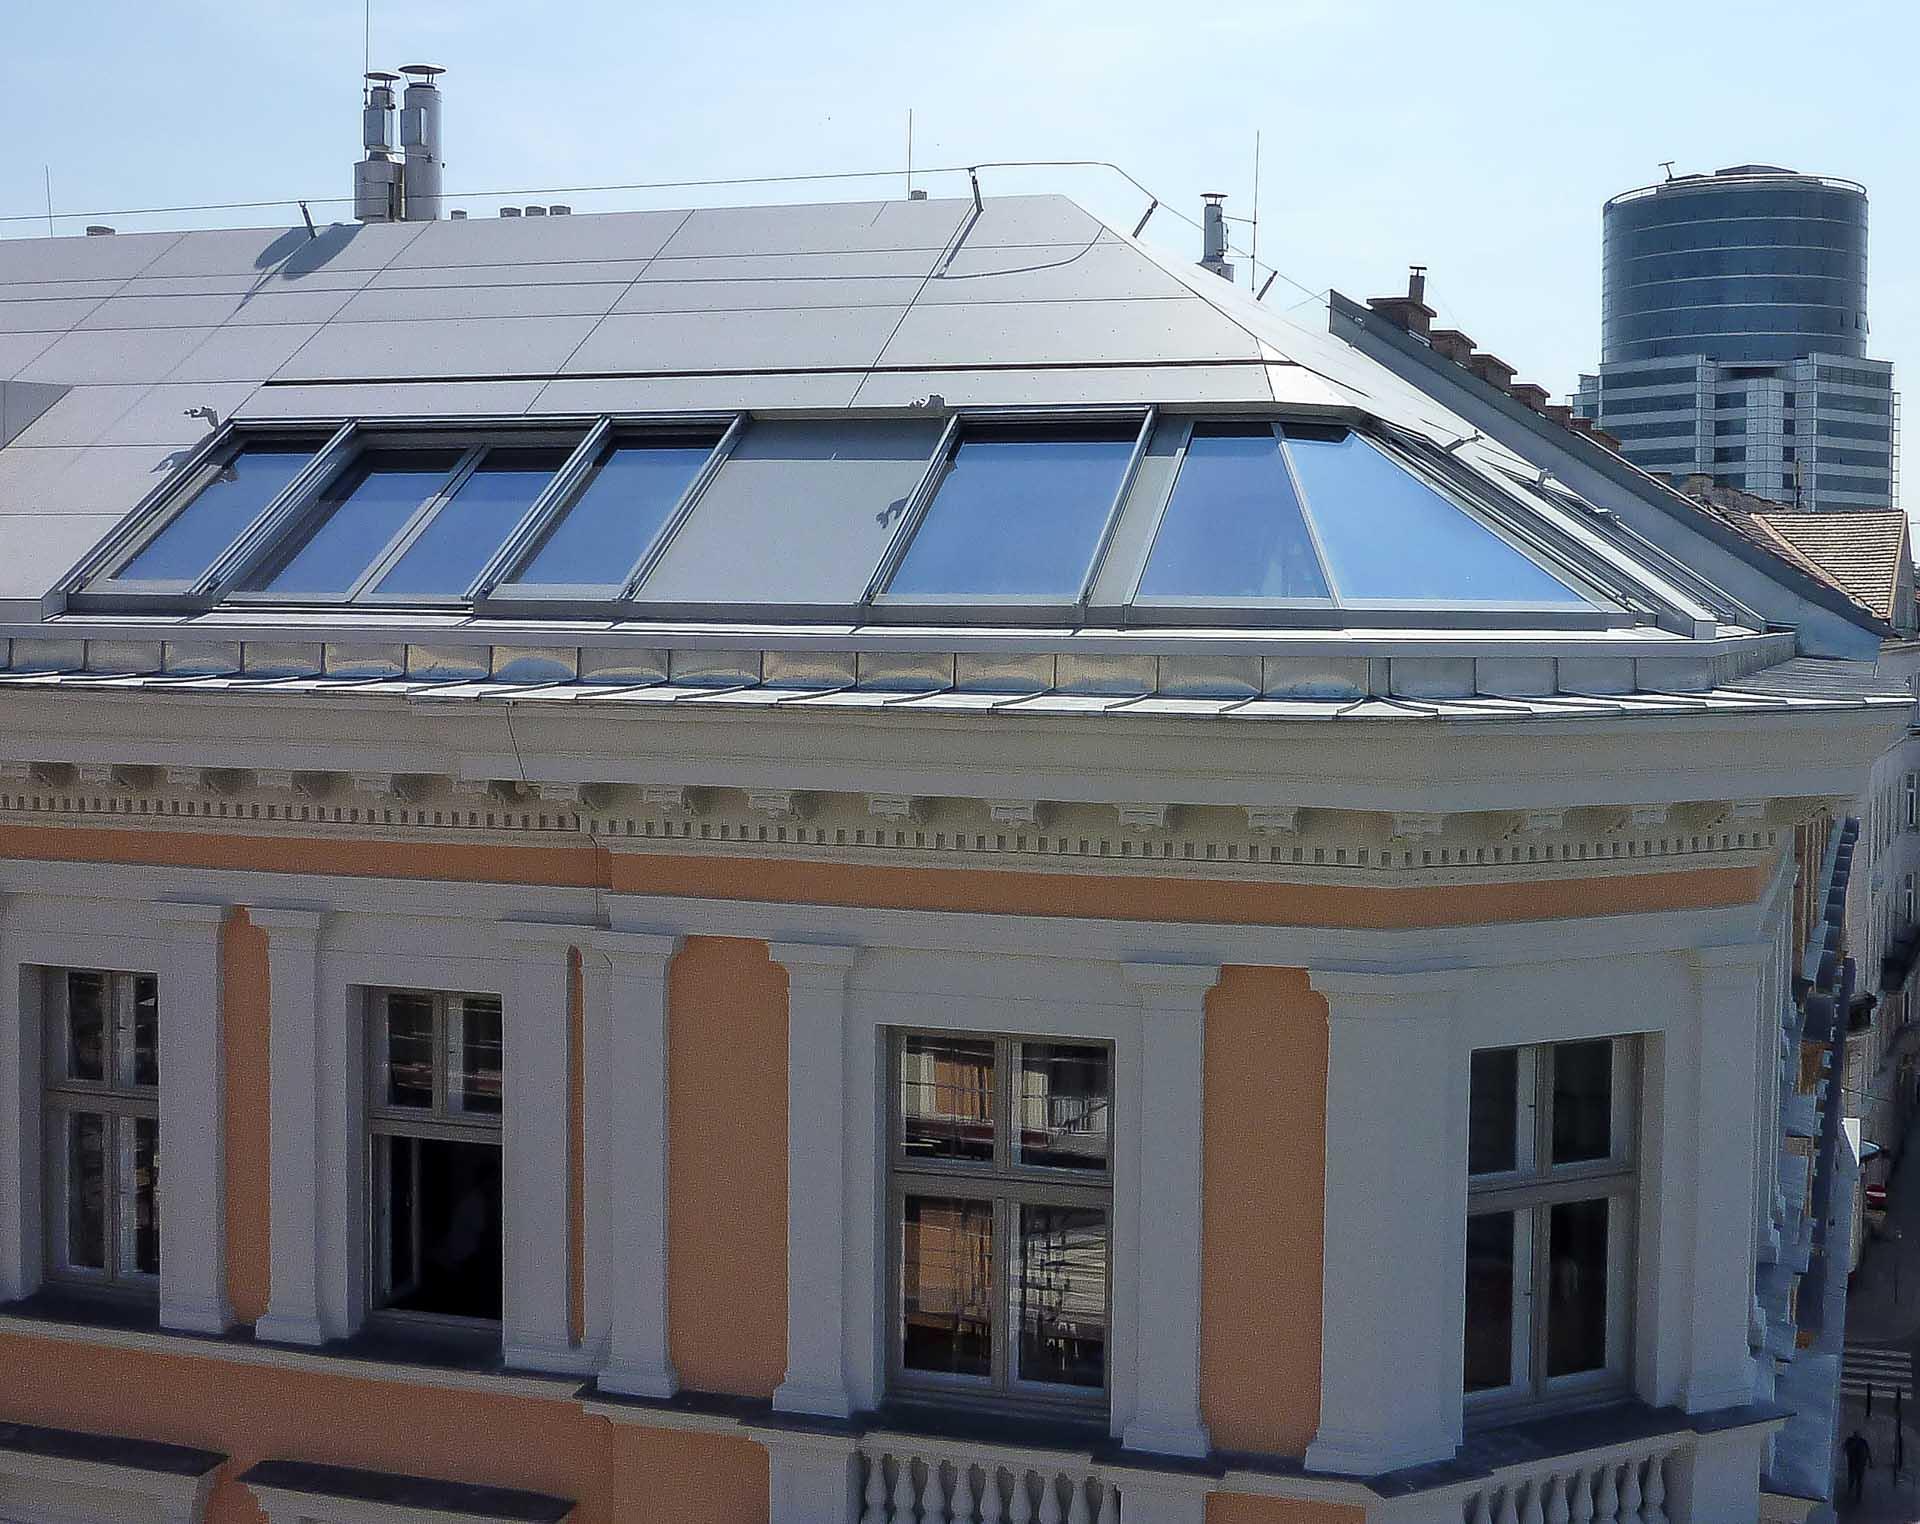 Cockpitverglasung mit Panorama Dachfenster in Wien (Objekt 1113).